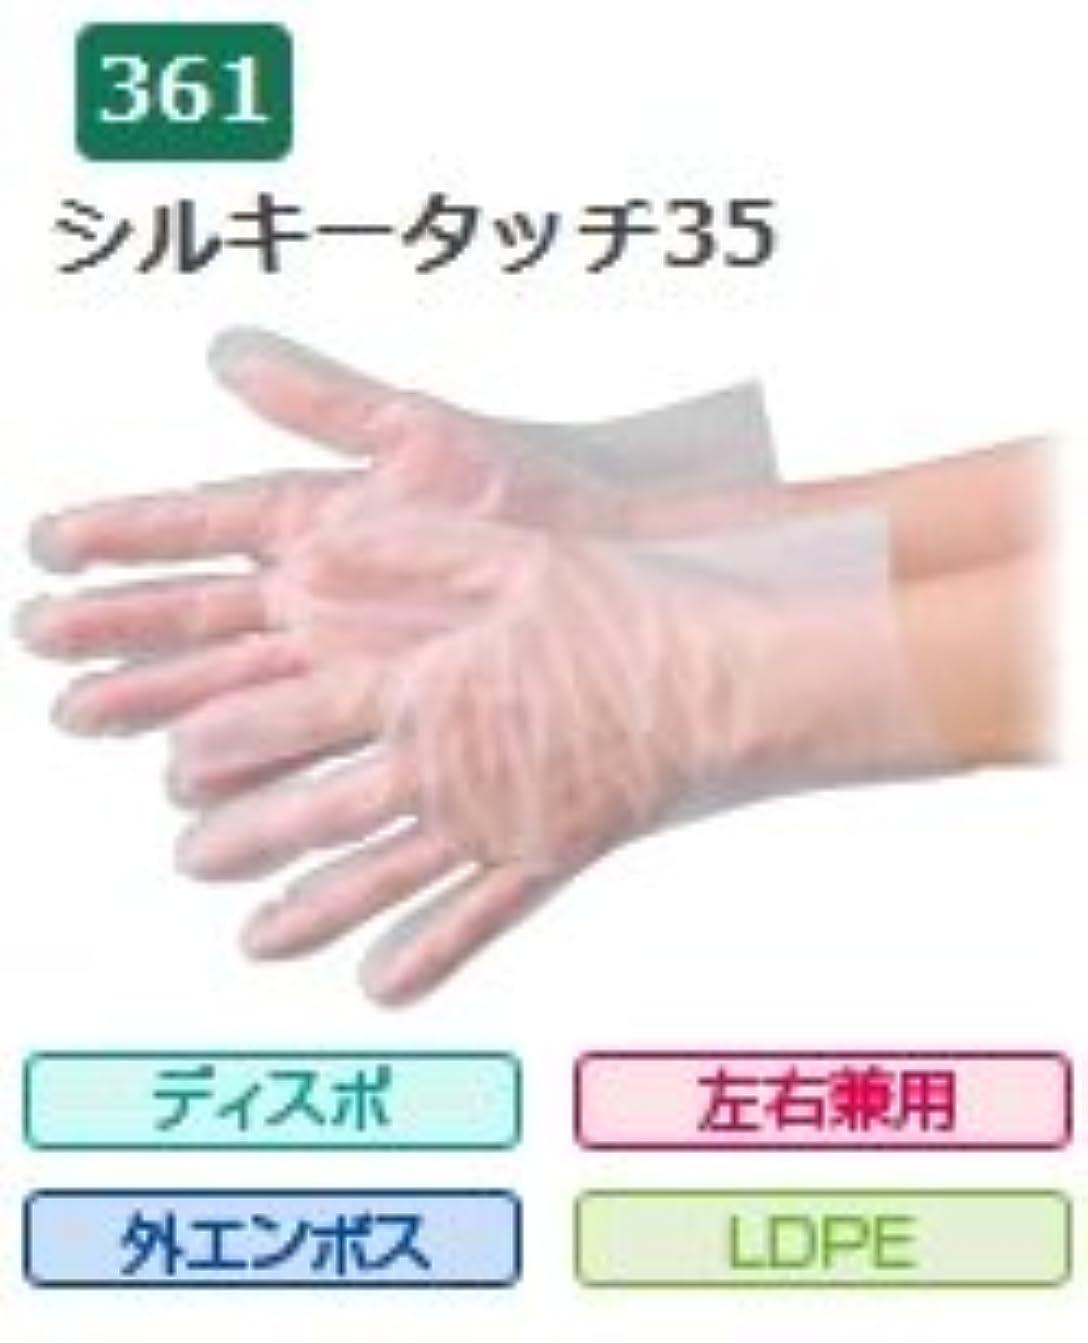 邪悪な別れる竜巻エブノ ポリエチレン手袋 No.361 LL 半透明 (100枚×50箱) シルキータッチ35 箱入